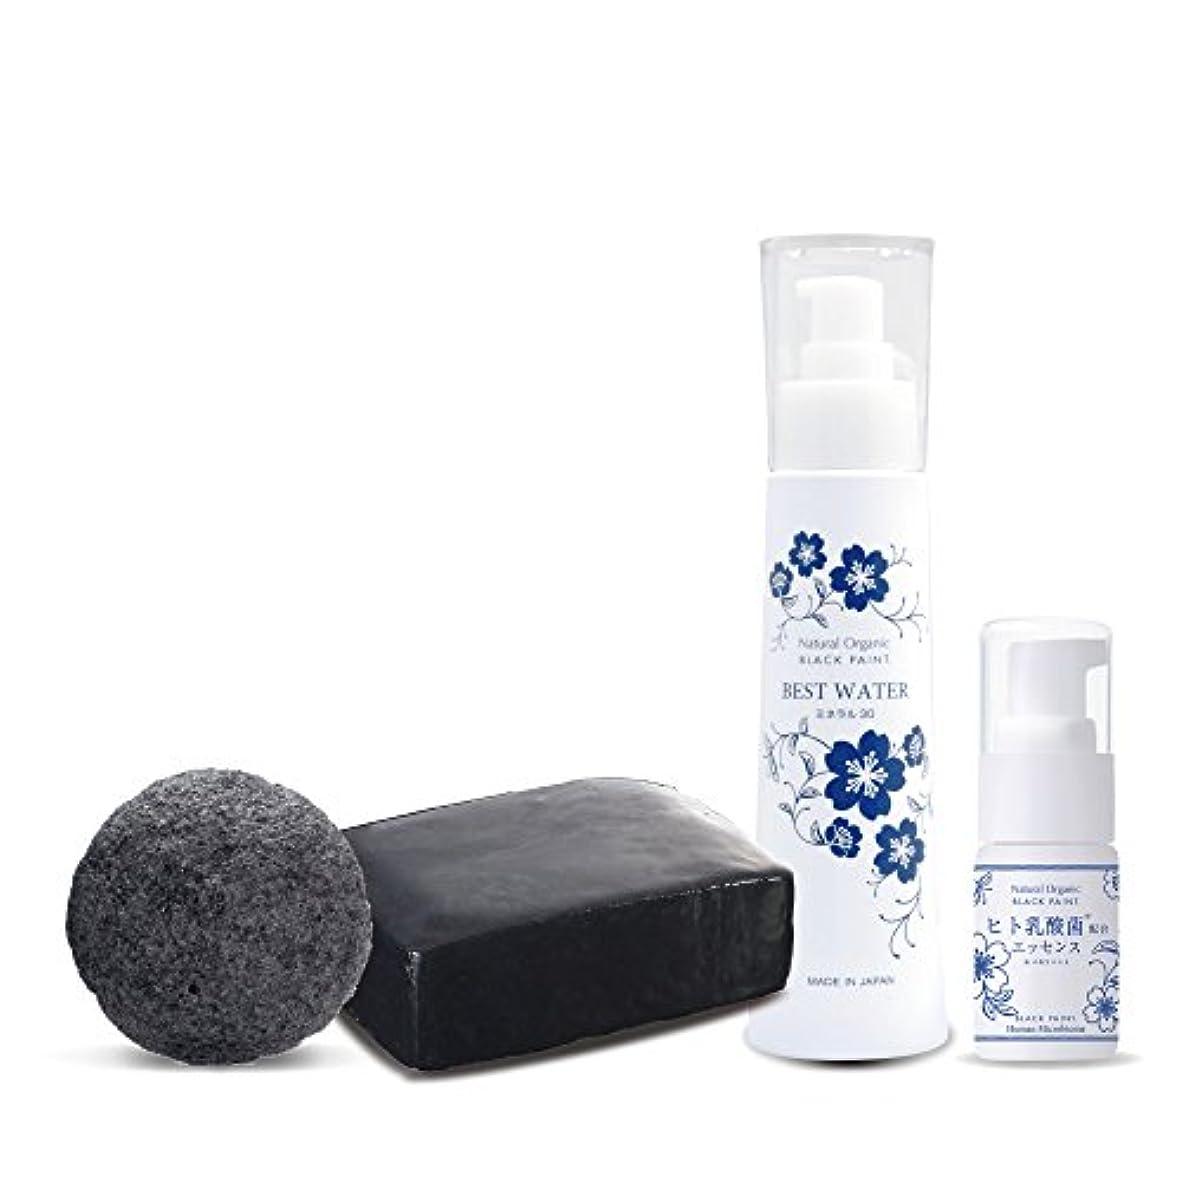 減衰副詞黒板ヒト乳酸菌エッセンス10ml&ブラックペイント60g&ブラックスポンジミニ&ベストウォーター100ml 洗顔セット